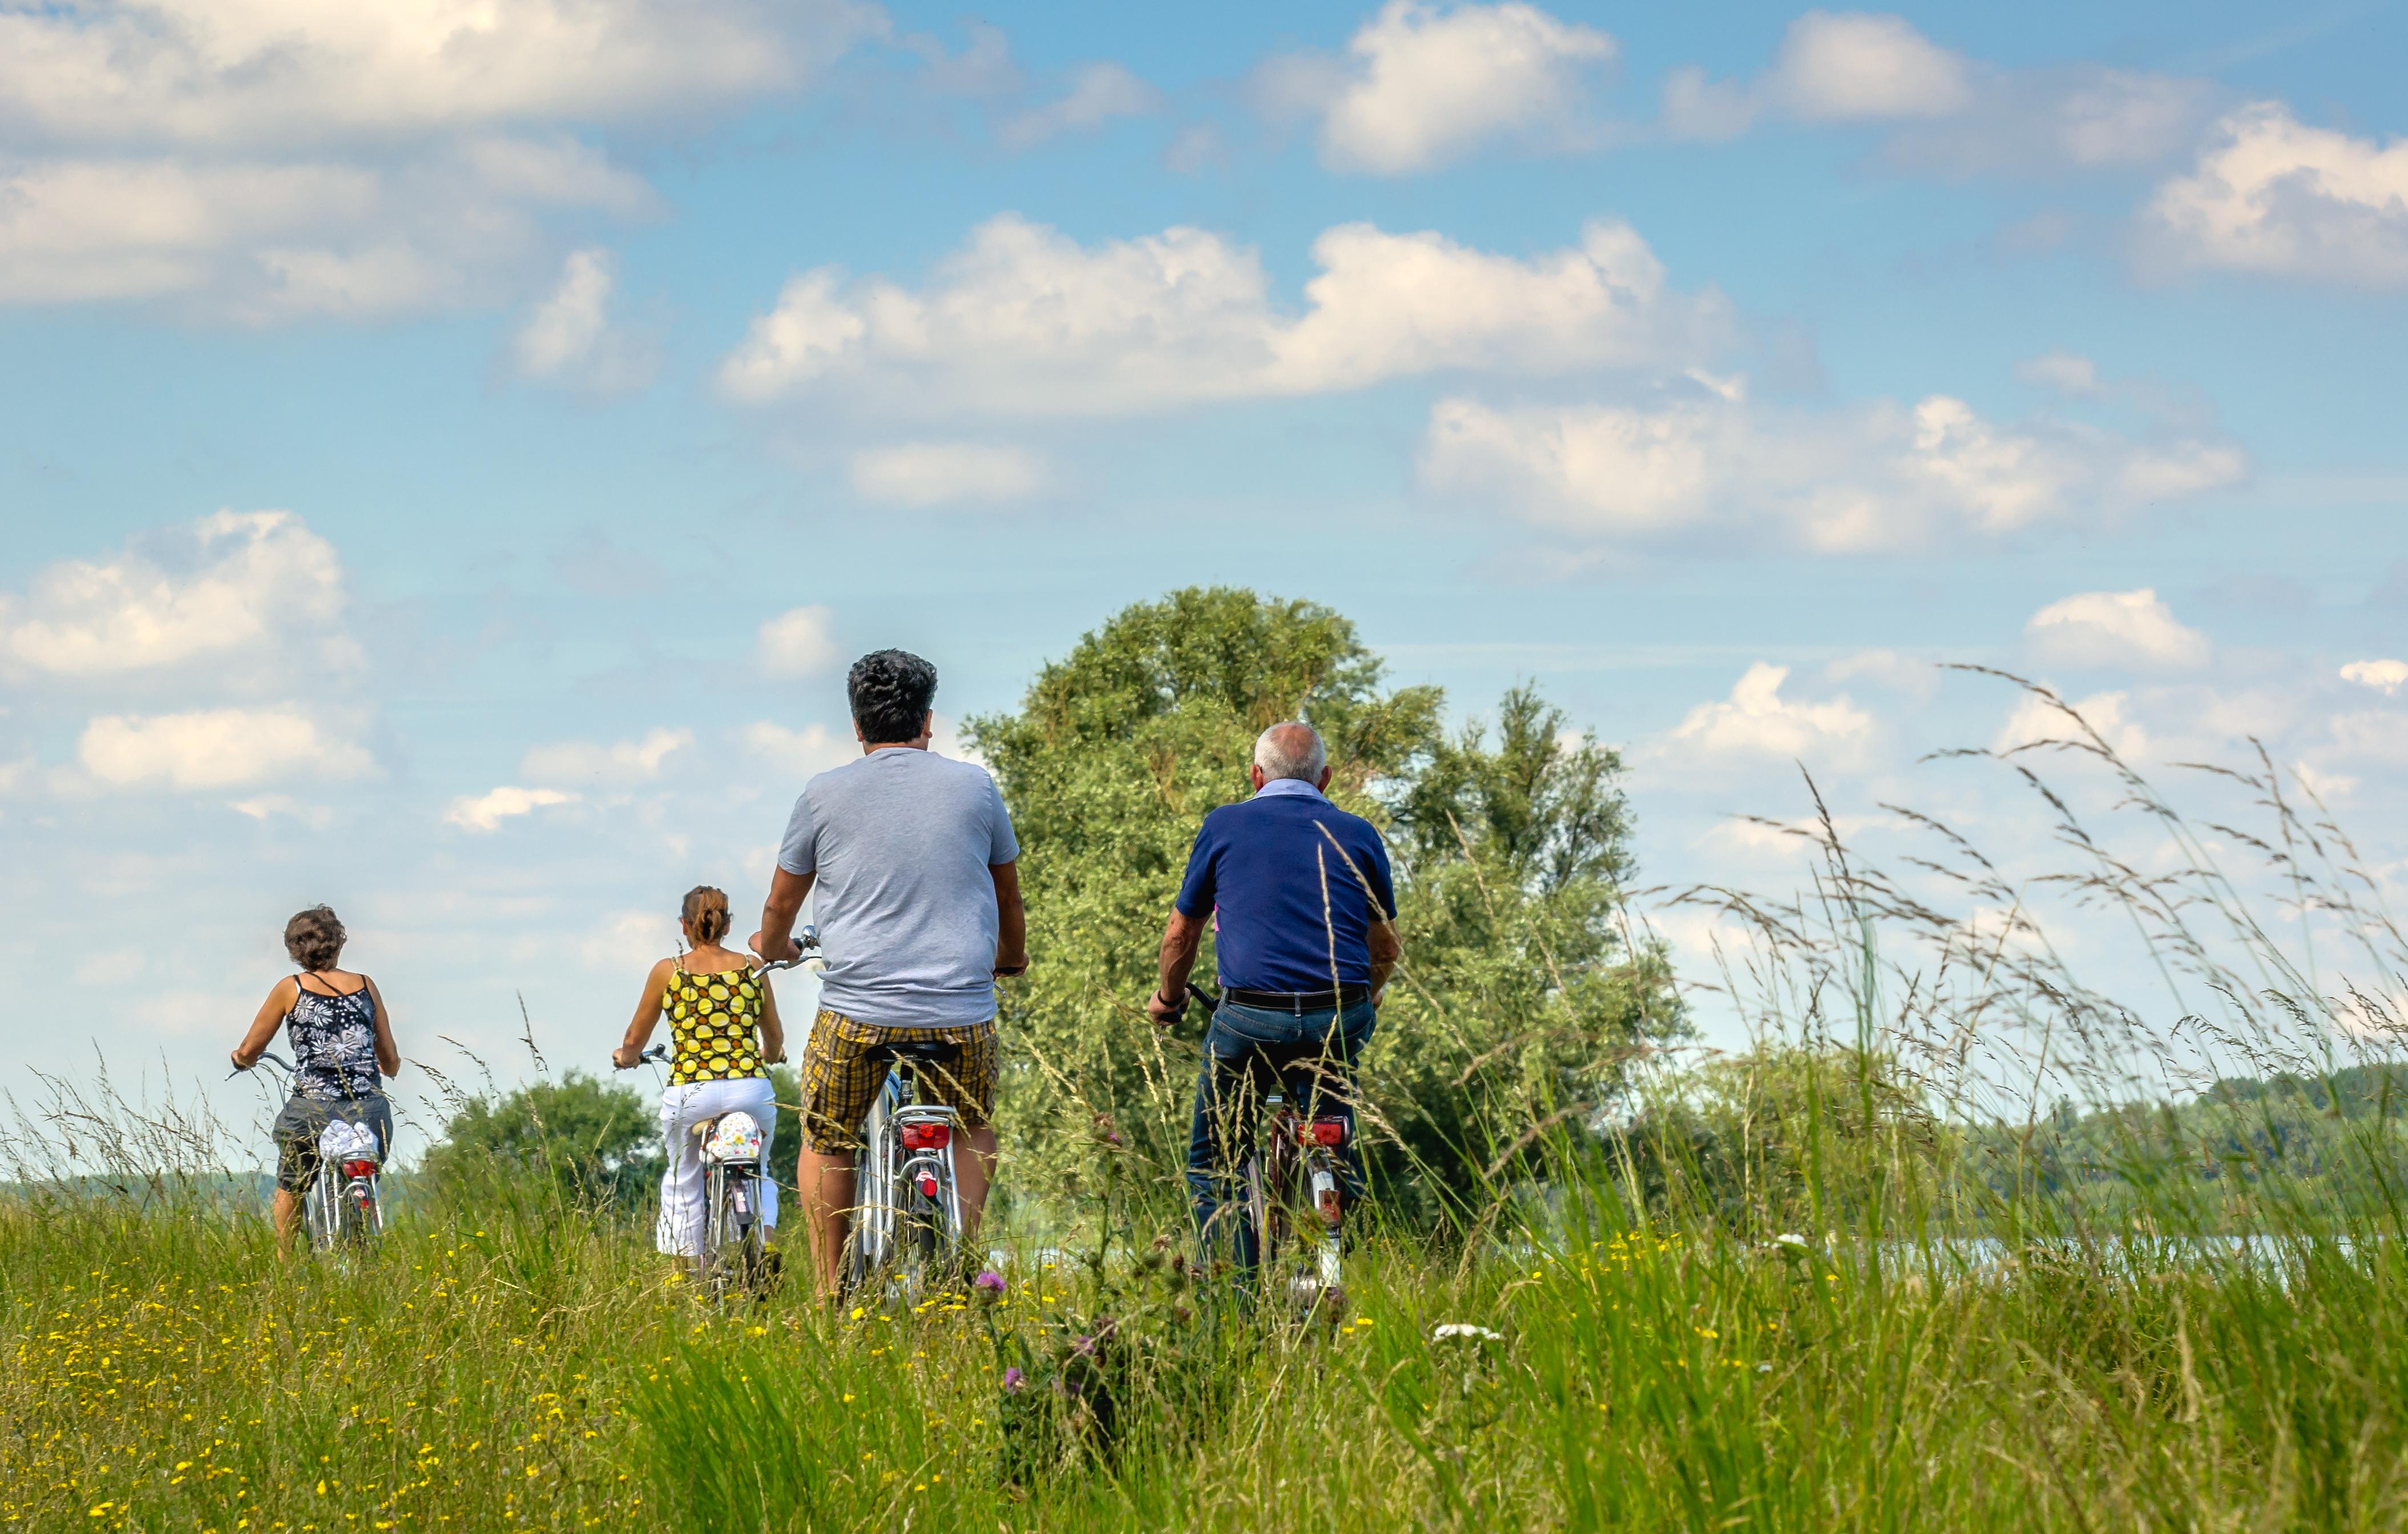 fietsvakantie, groener wonen, duurzame vakanties, vakantie,